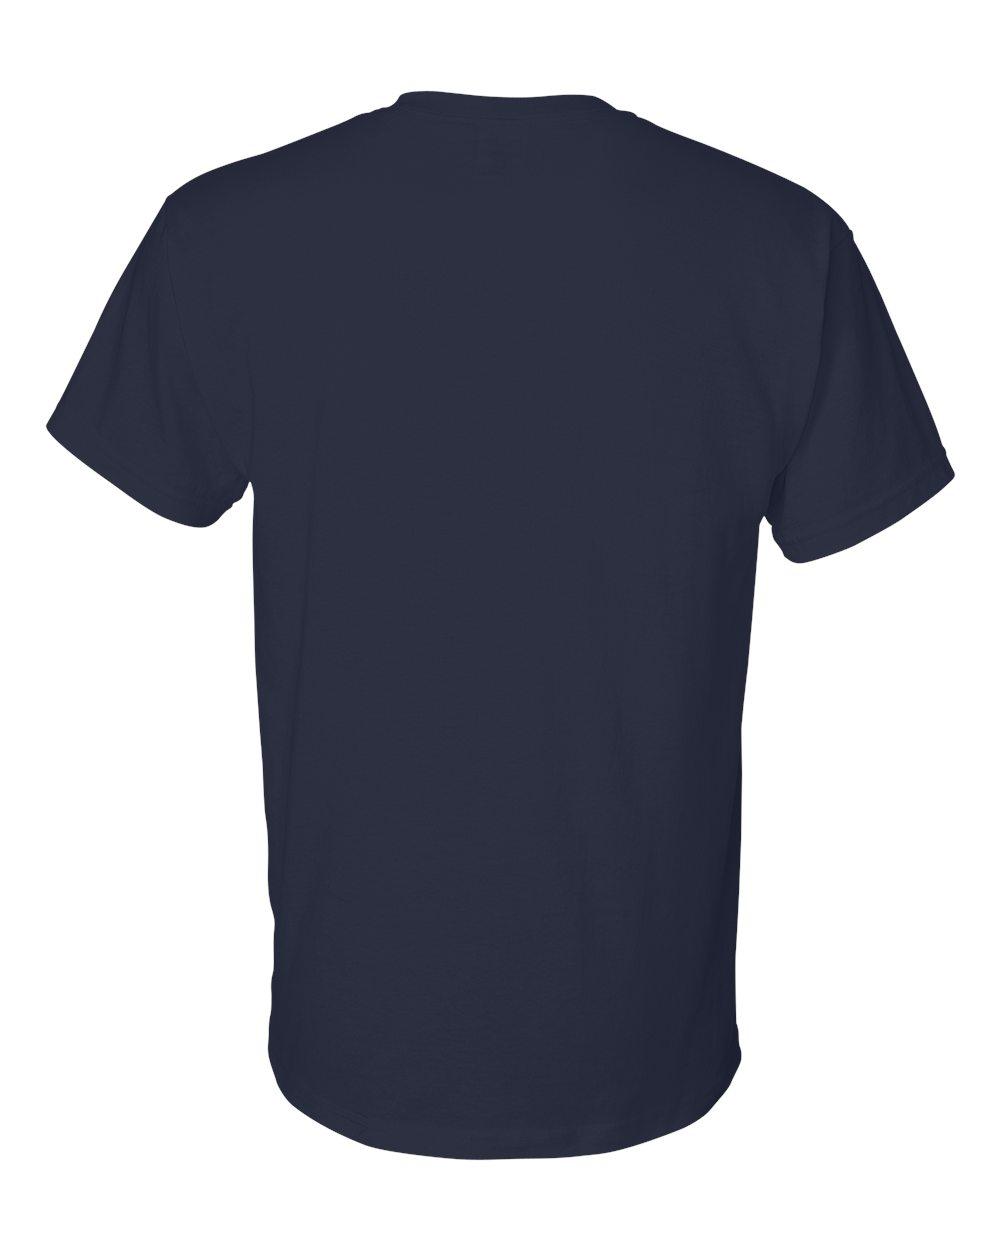 Gildan-Mens-DryBlend-5-6-oz-50-50-T-Shirt-G800-Size-S-5XL thumbnail 60